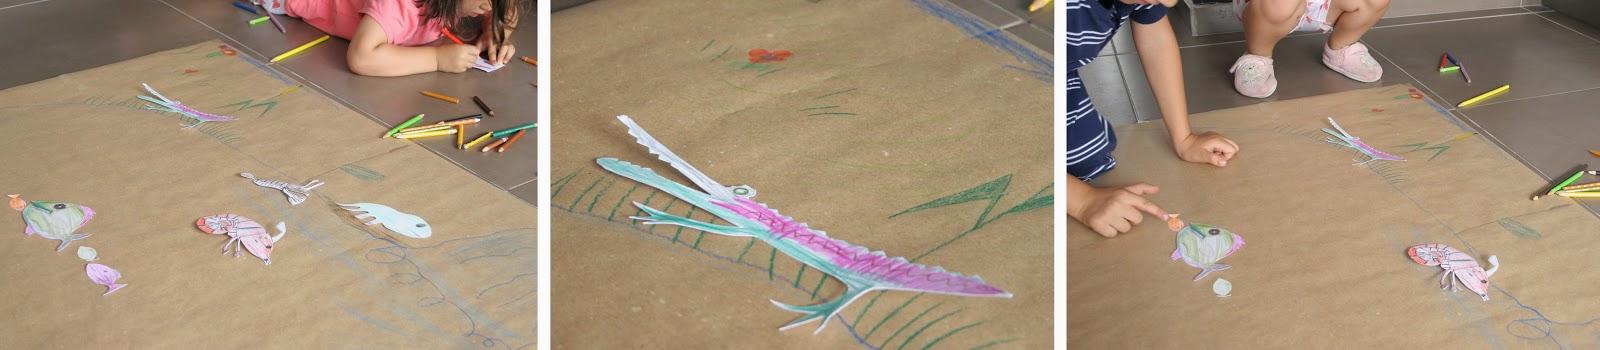 Peces en el lago del juego de pesca con clips